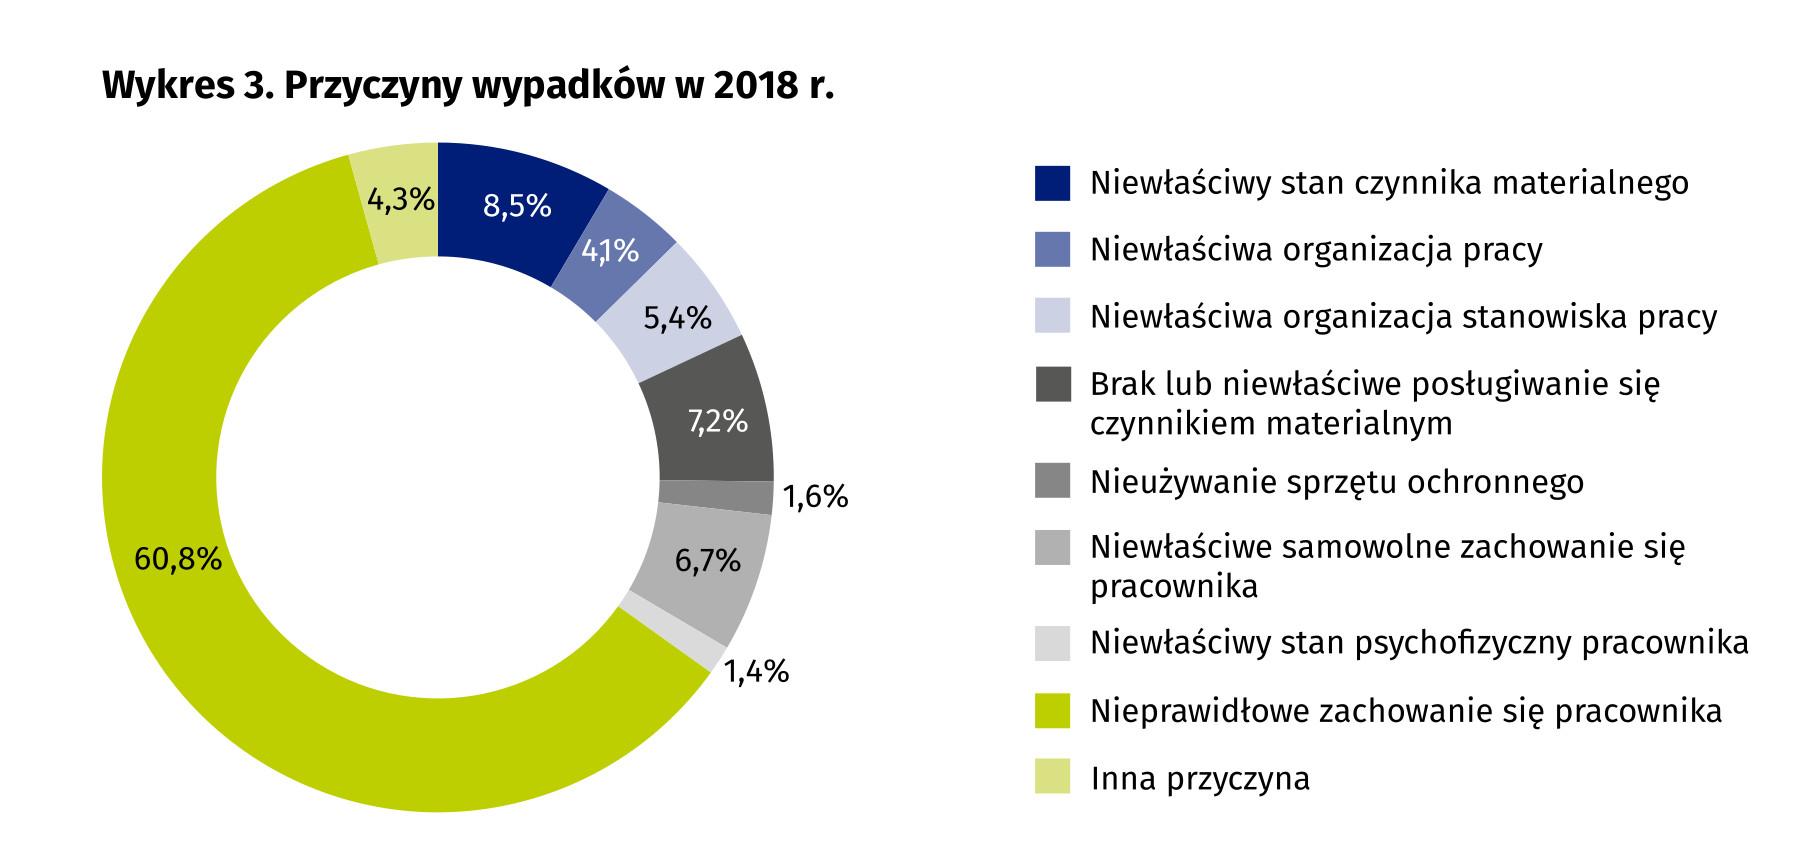 Przyczyny wypadków w 2018 r